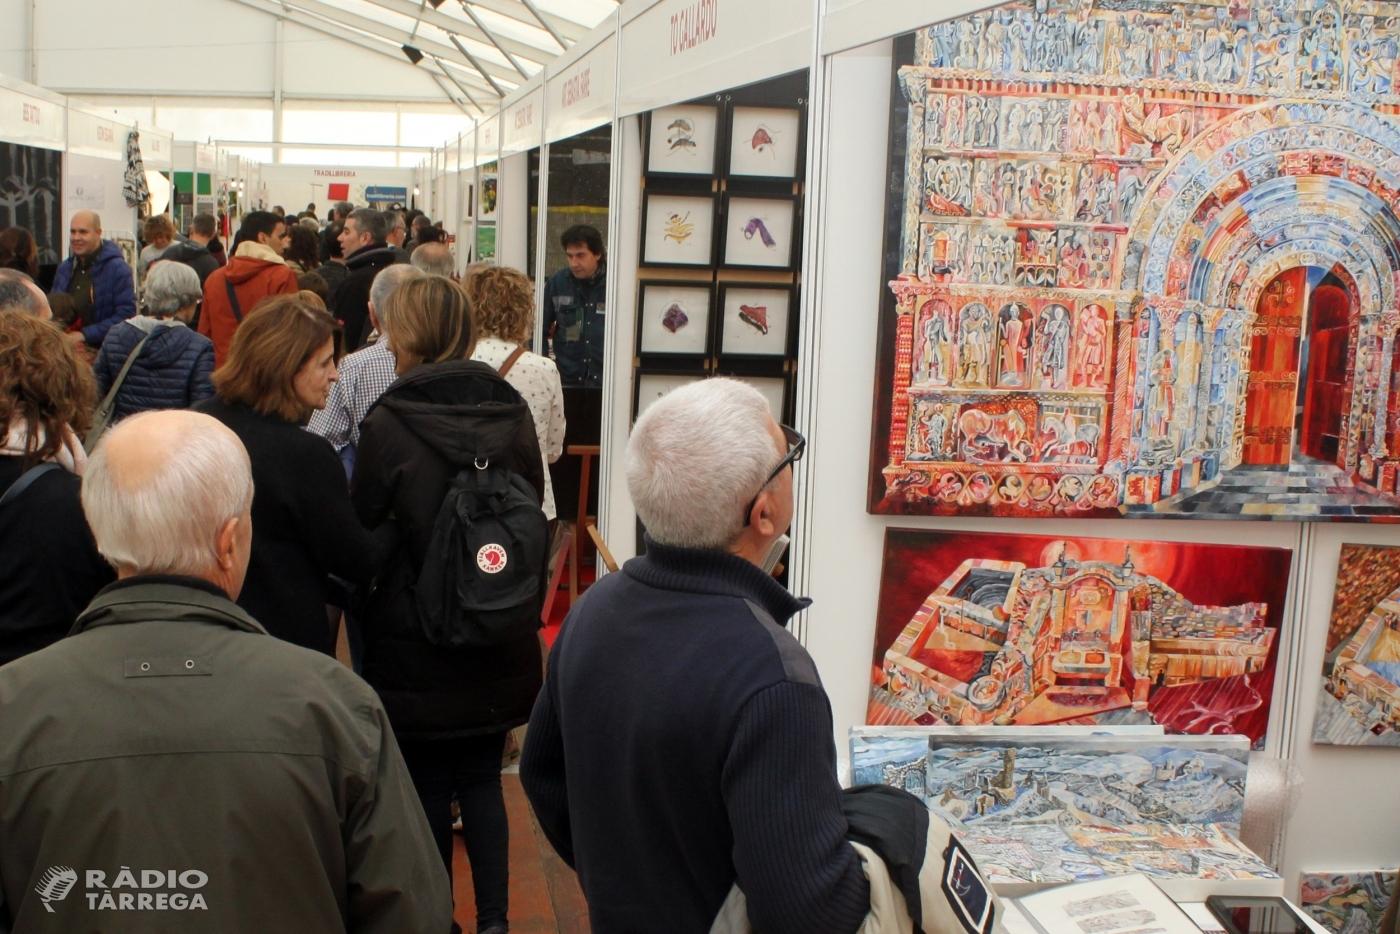 Bona afluència de visitants a la segona jornada de la 20a Fira d'Artistes i Activitats Tradicionals de Tàrrega